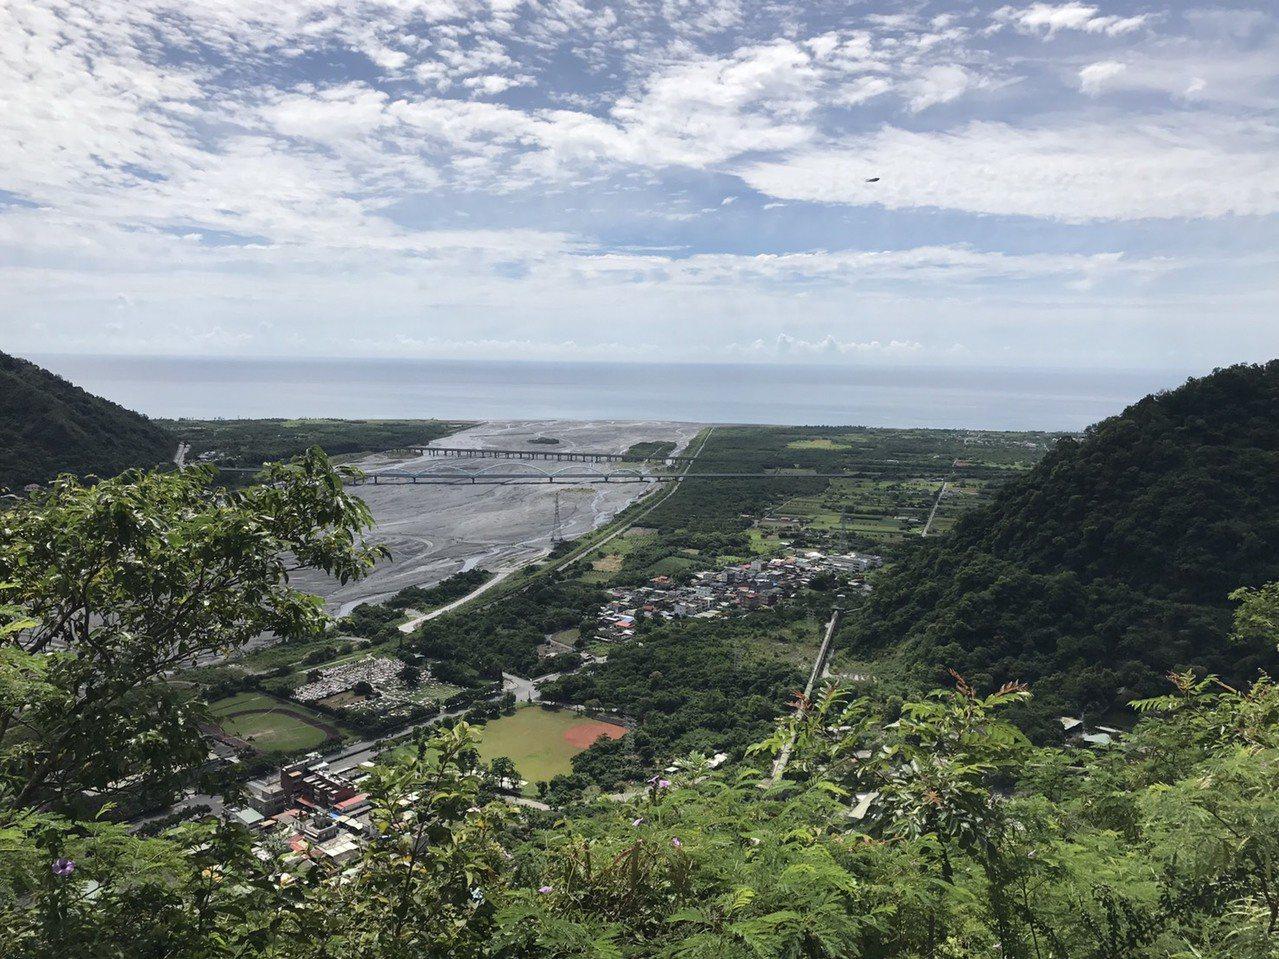 亞泥新城山礦場位於太魯閣口,俯瞰下方就是部落。記者徐庭揚/攝影